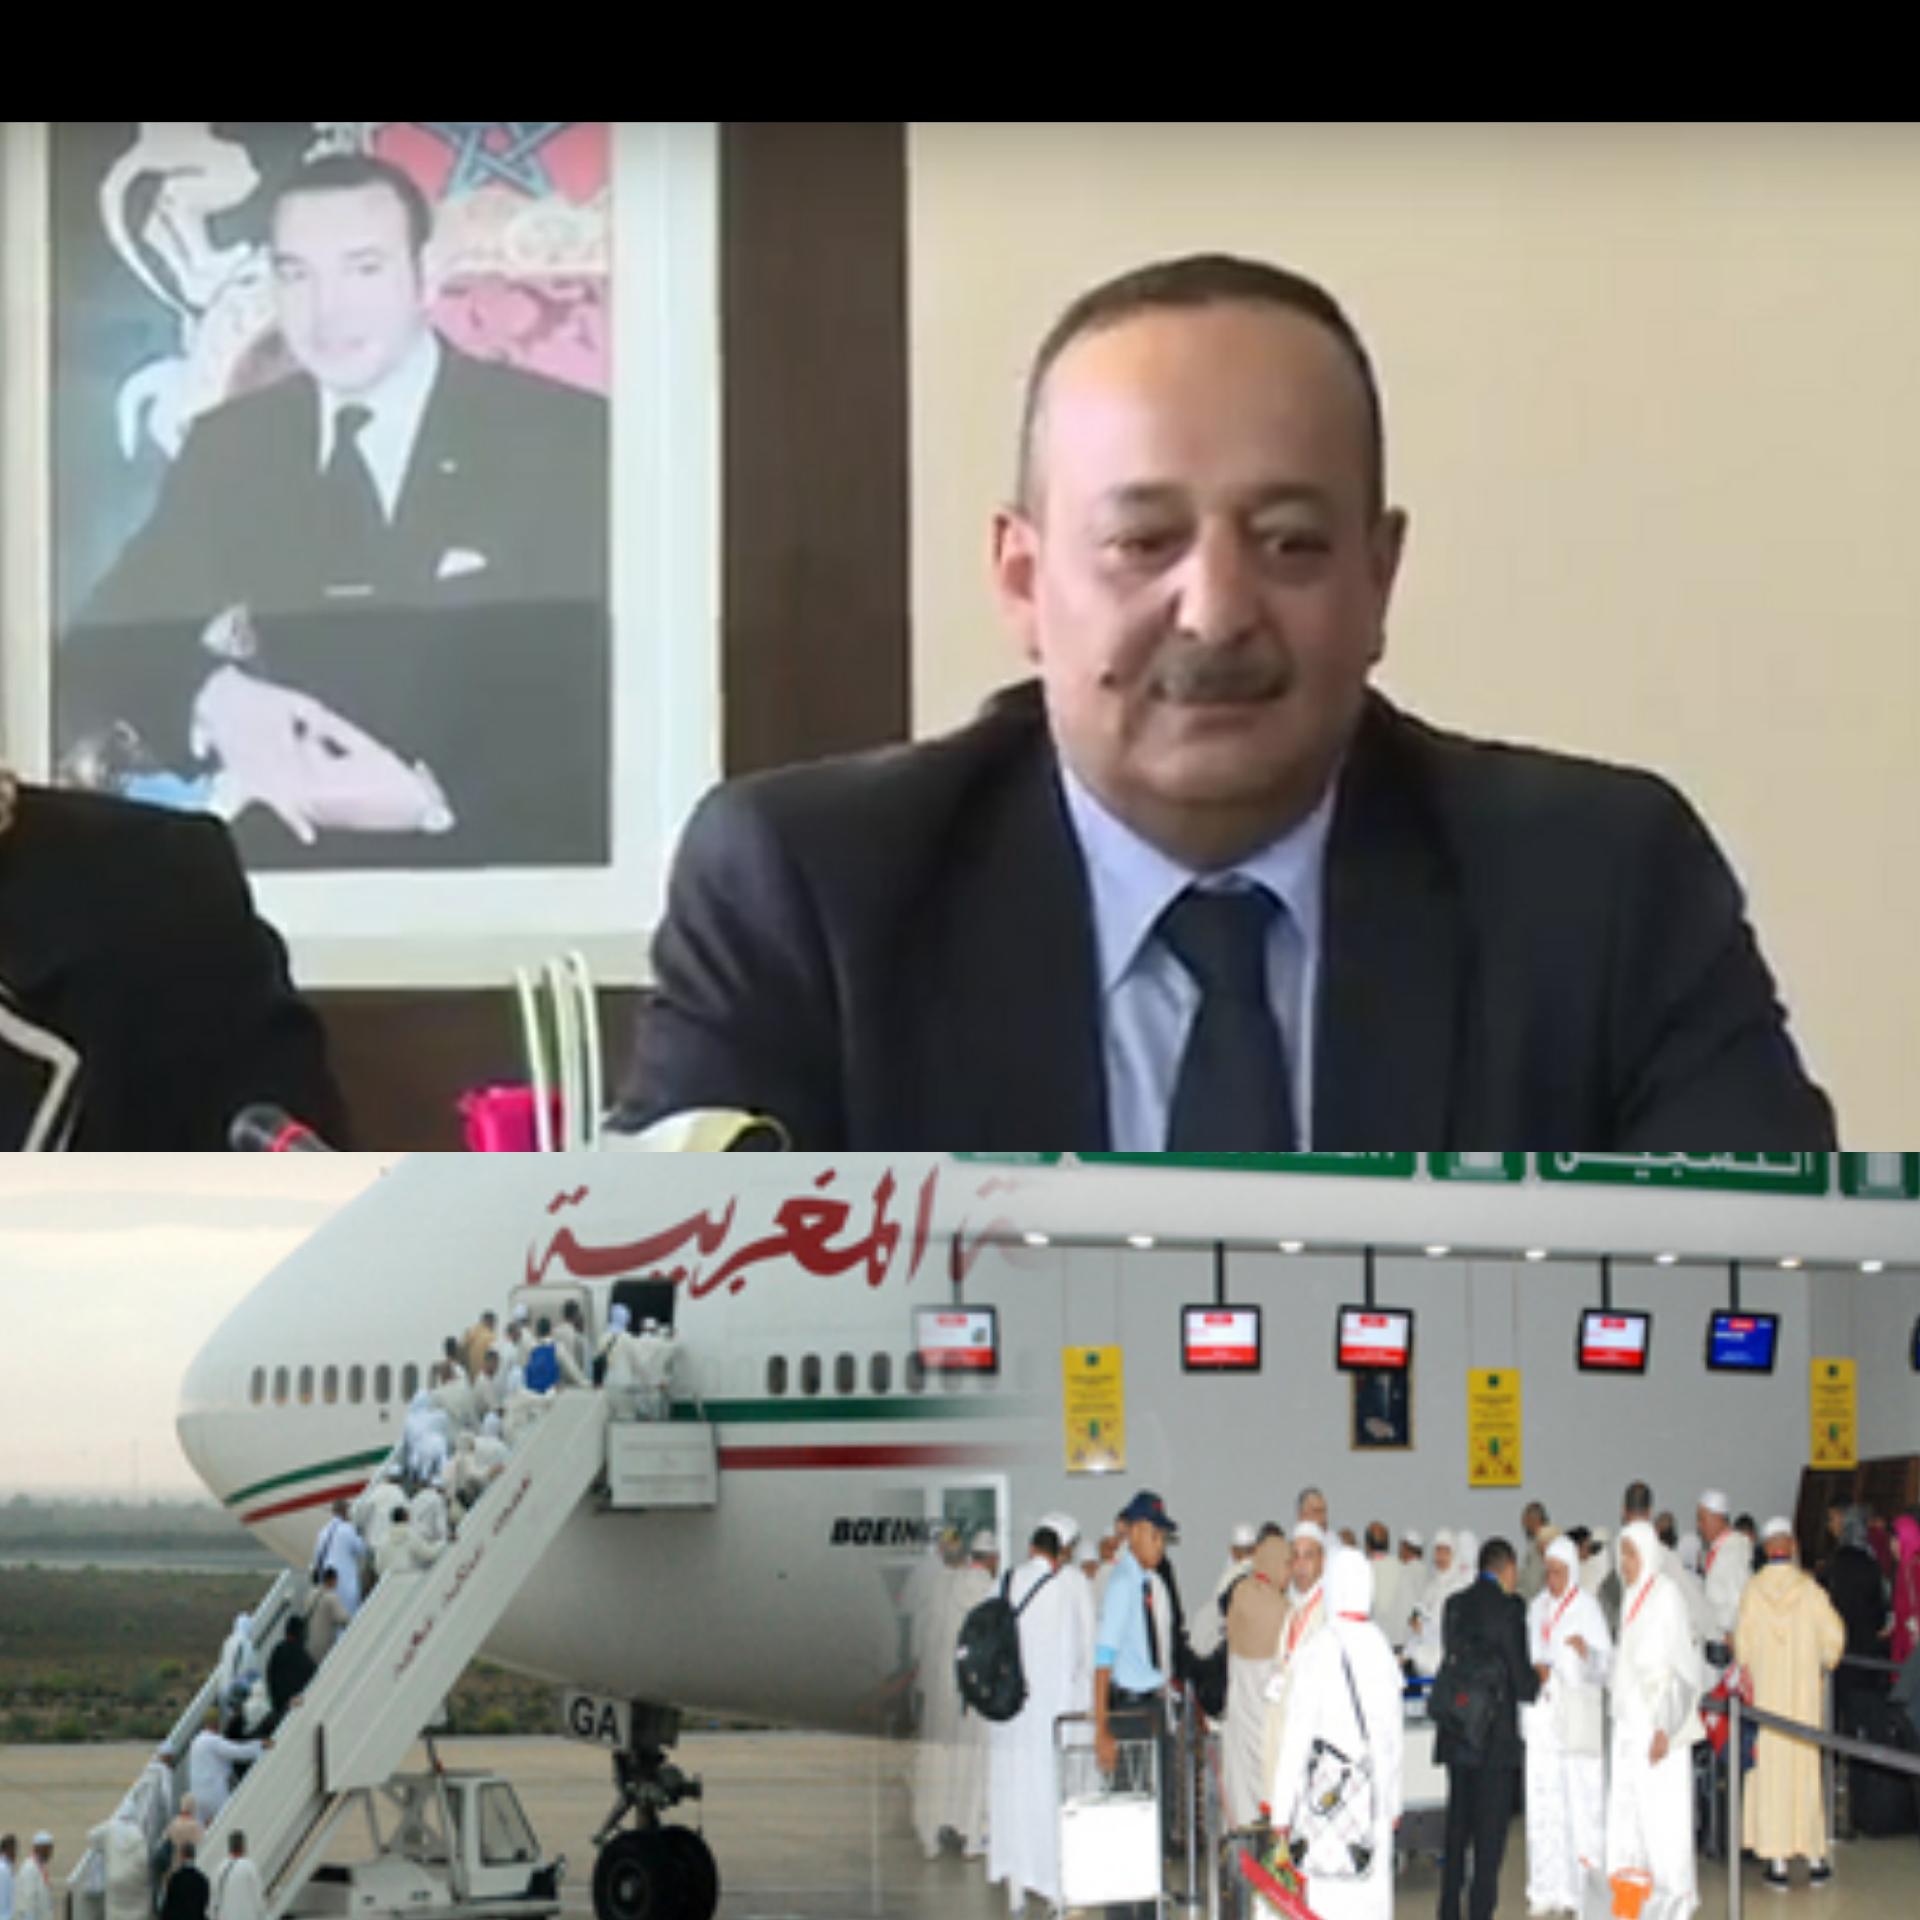 الوزير الثقافة والاتصال محمد الأعرج رئيس البعثة المغربيّة للحج